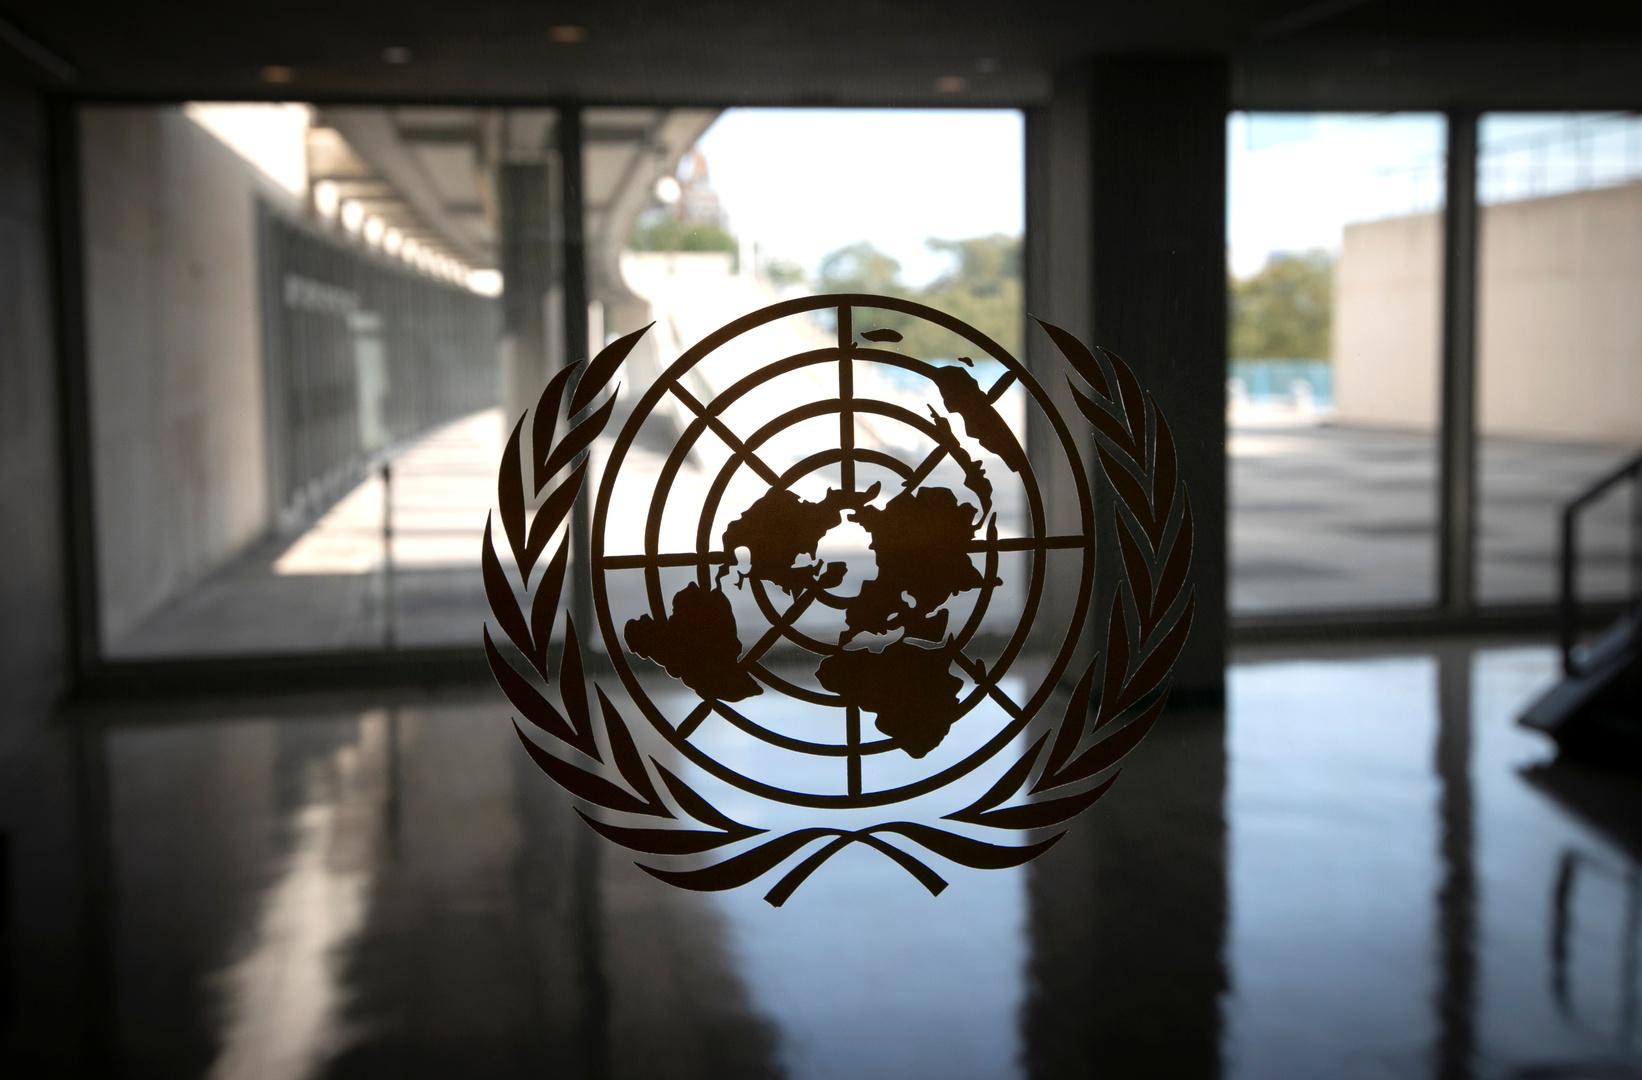 الأمم المتحدة: إقرار دستور في كردستان العراق عامل قوة للبلاد